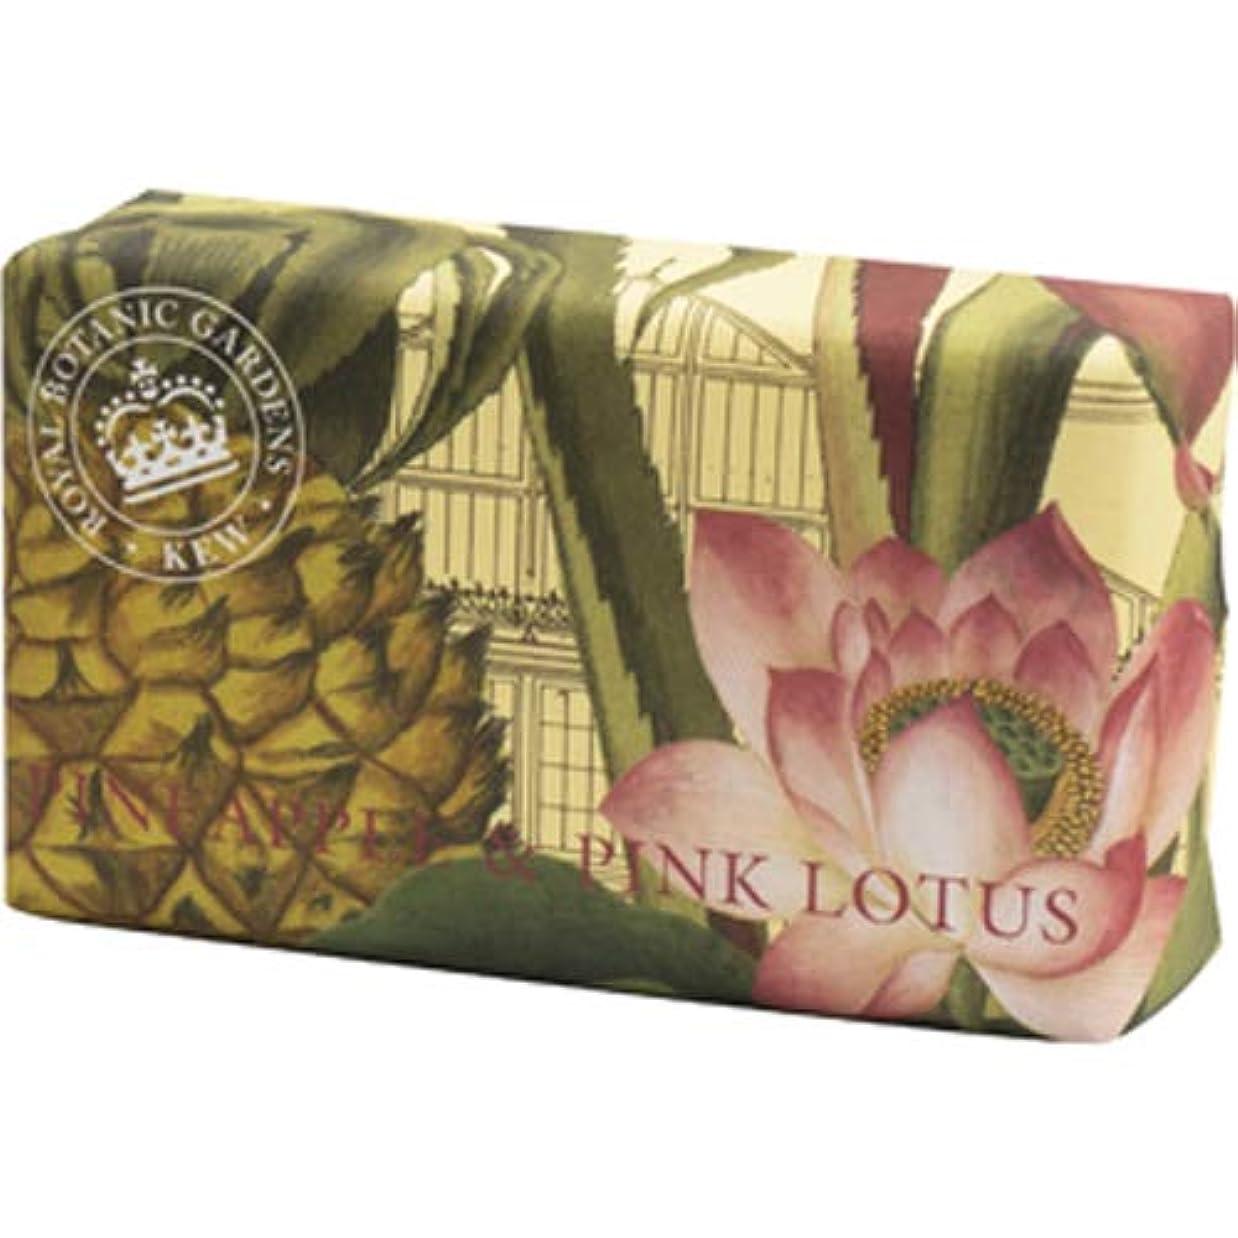 English Soap Company イングリッシュソープカンパニー KEW GARDEN キュー?ガーデン Luxury Shea Soaps シアソープ Pineapple & Pink Lotus パイナップル&ピンクロータス